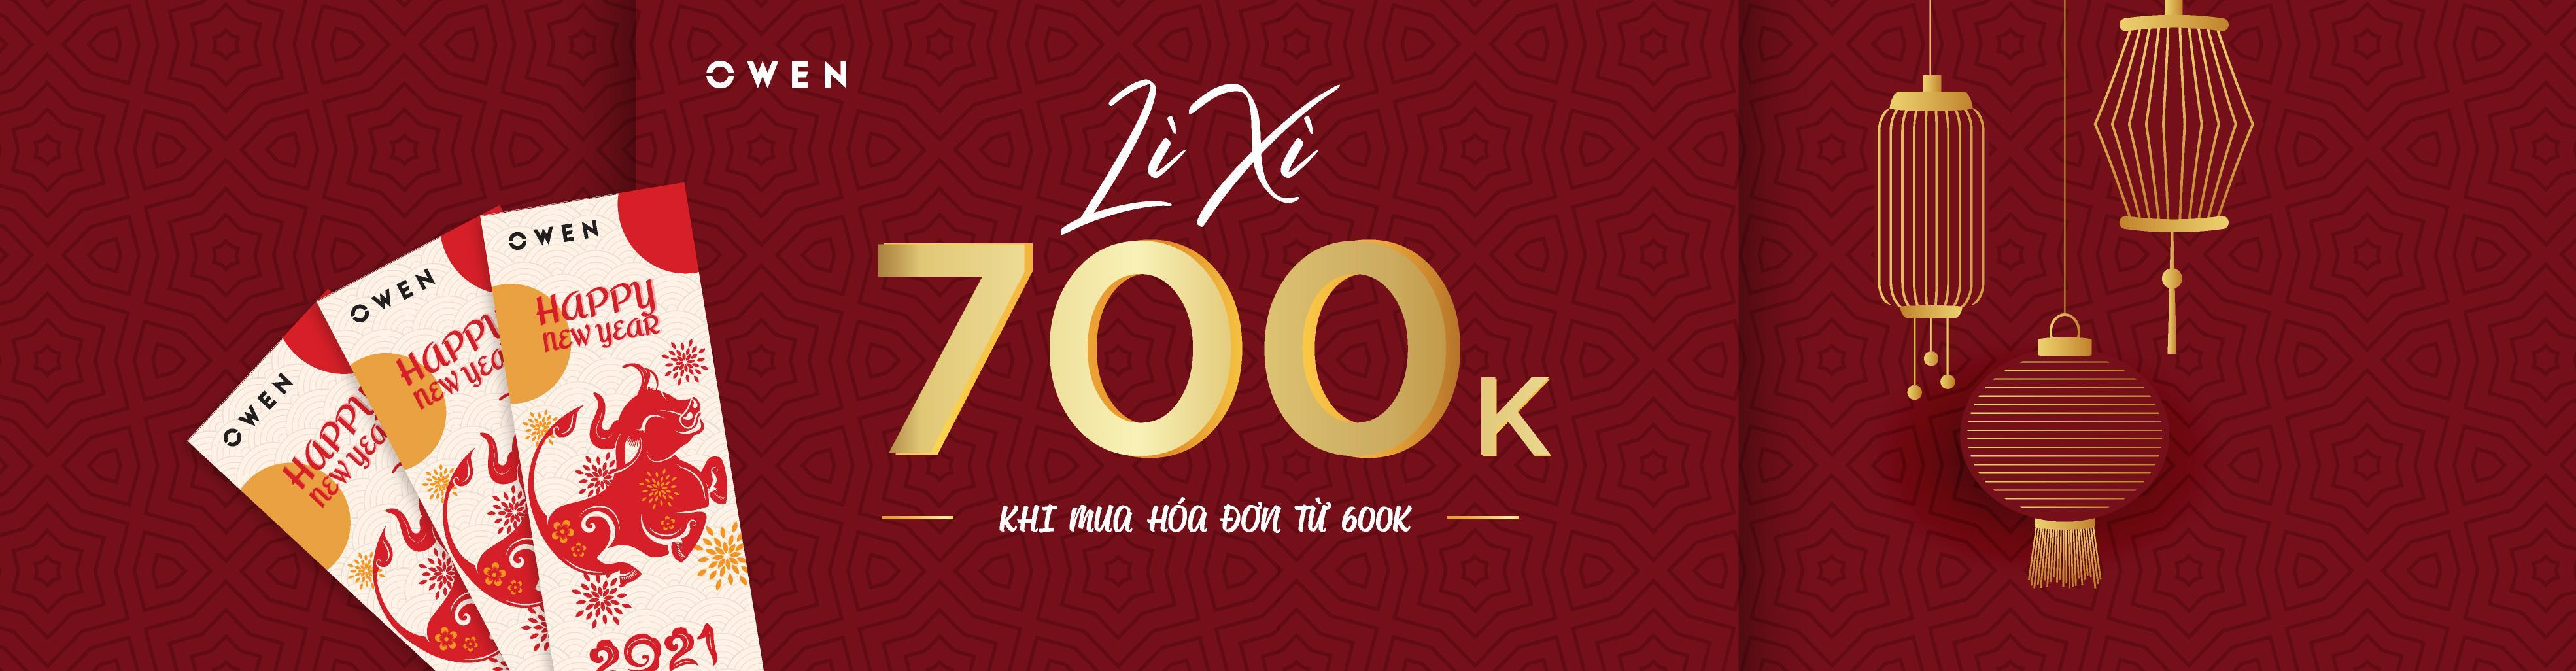 MIỀN NAM | DANH SÁCH CỬA HÀNG ÁP DỤNG CHƯƠNG TRÌNH LÌ XÌ 700K